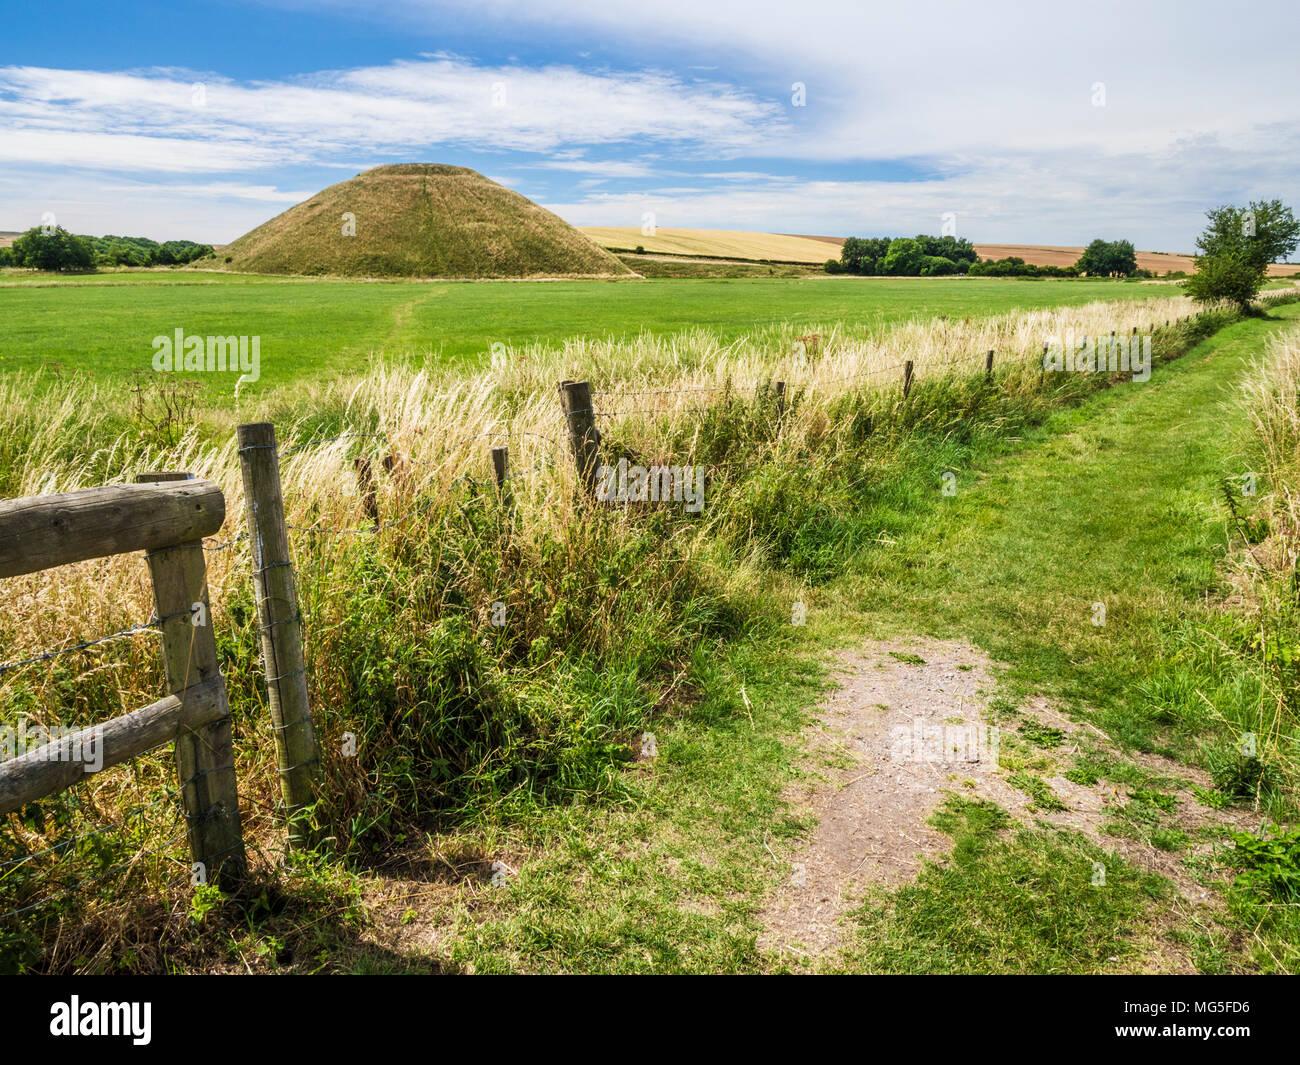 Un día soleado de verano en Silbury Hill, en Wiltshire. Foto de stock